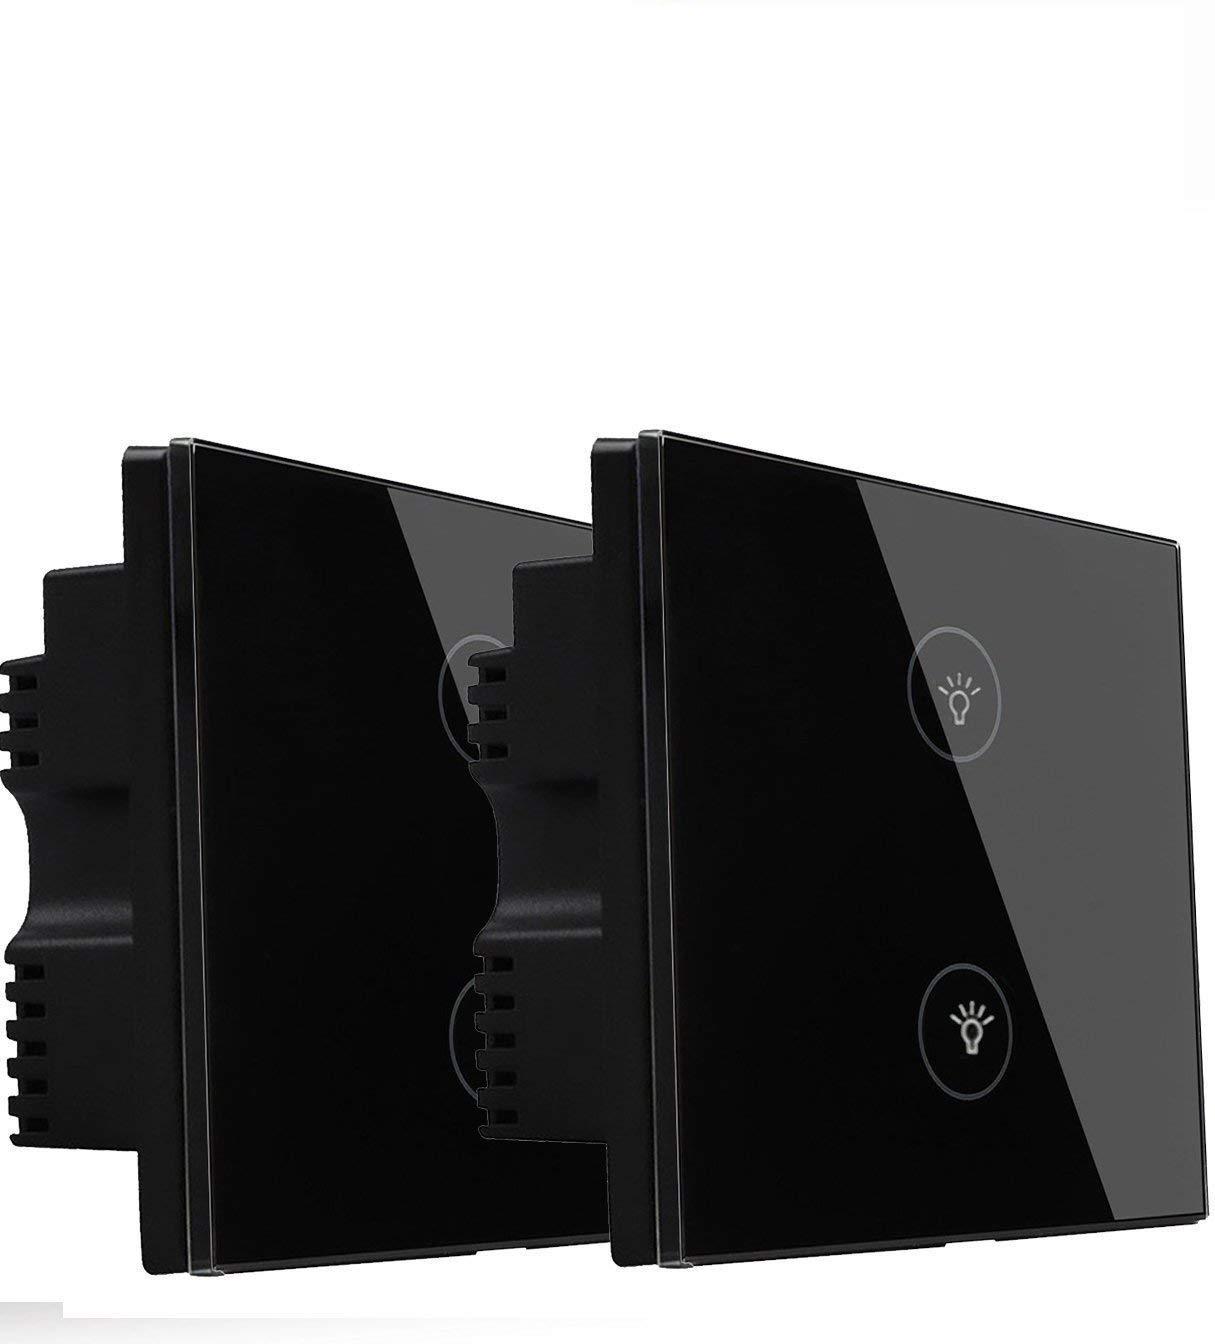 schwarz Kidult Smart-Schalttafel Glas Google Home WLAN iOS-//Android-Apps unterst/ützt  Alexa Touch-Schalter